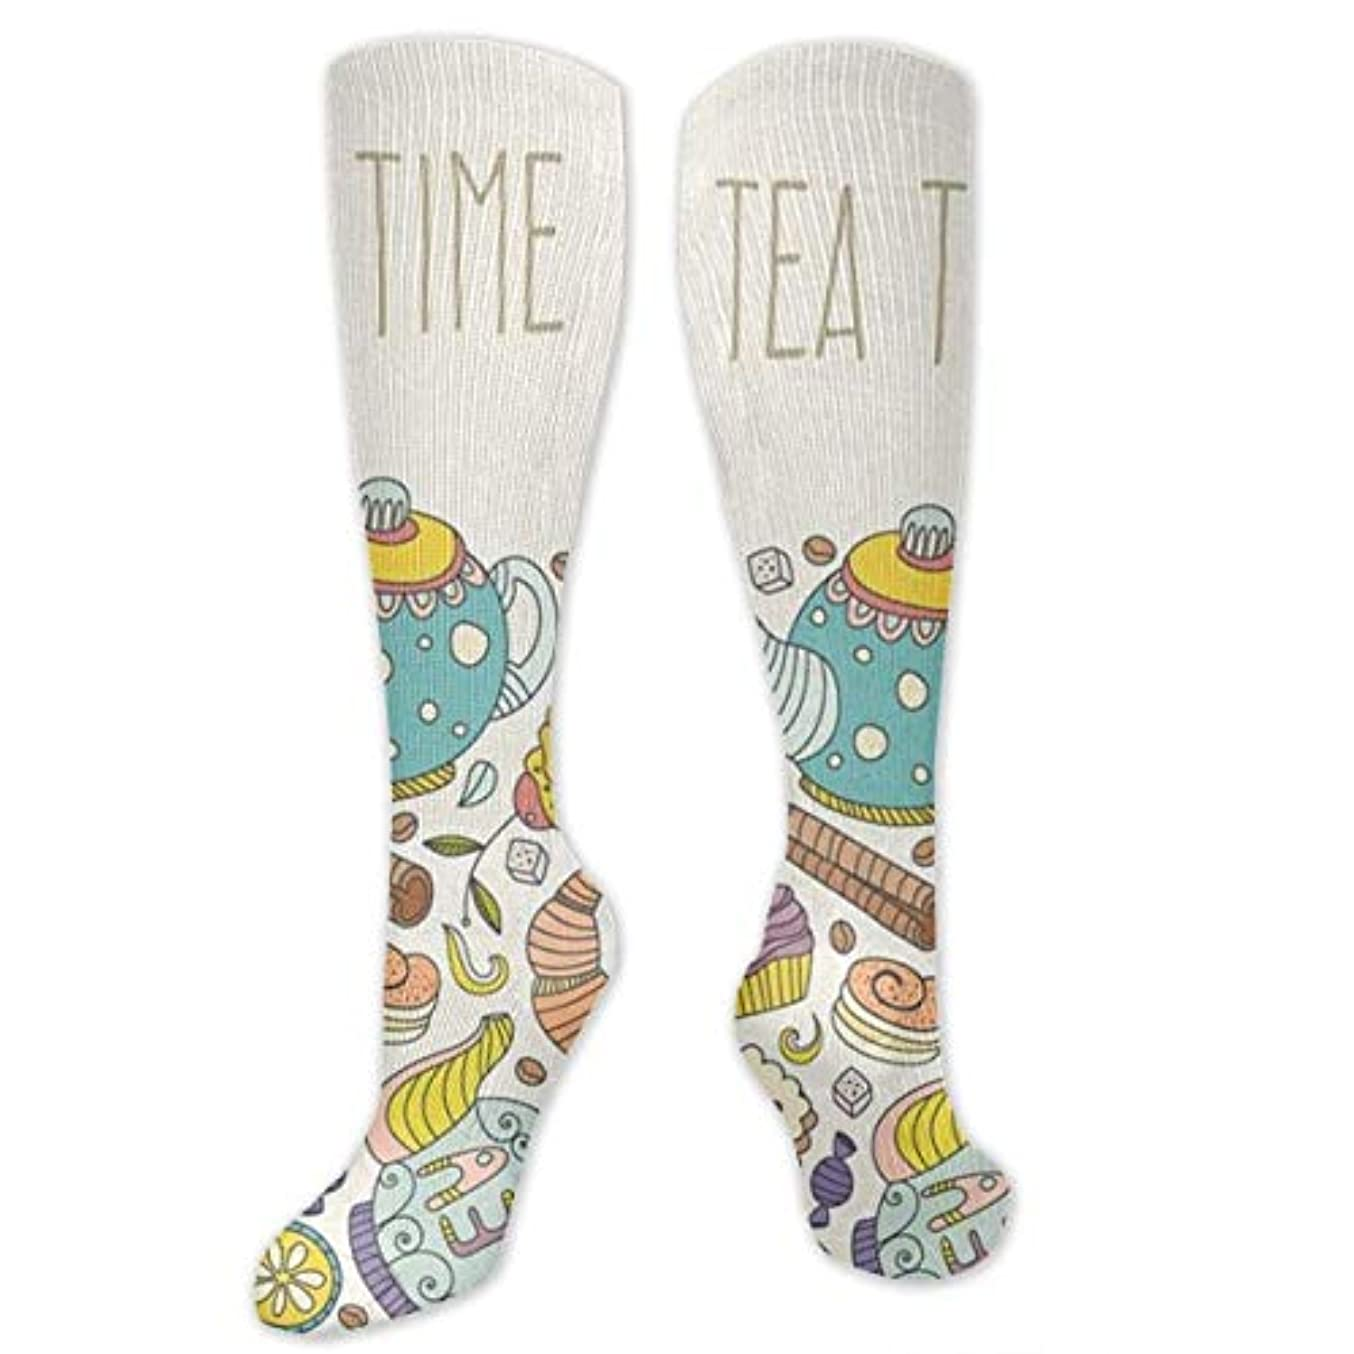 頻繁にゴールデンレイ靴下,ストッキング,野生のジョーカー,実際,秋の本質,冬必須,サマーウェア&RBXAA Tea Time Socks Women's Winter Cotton Long Tube Socks Knee High Graduated...